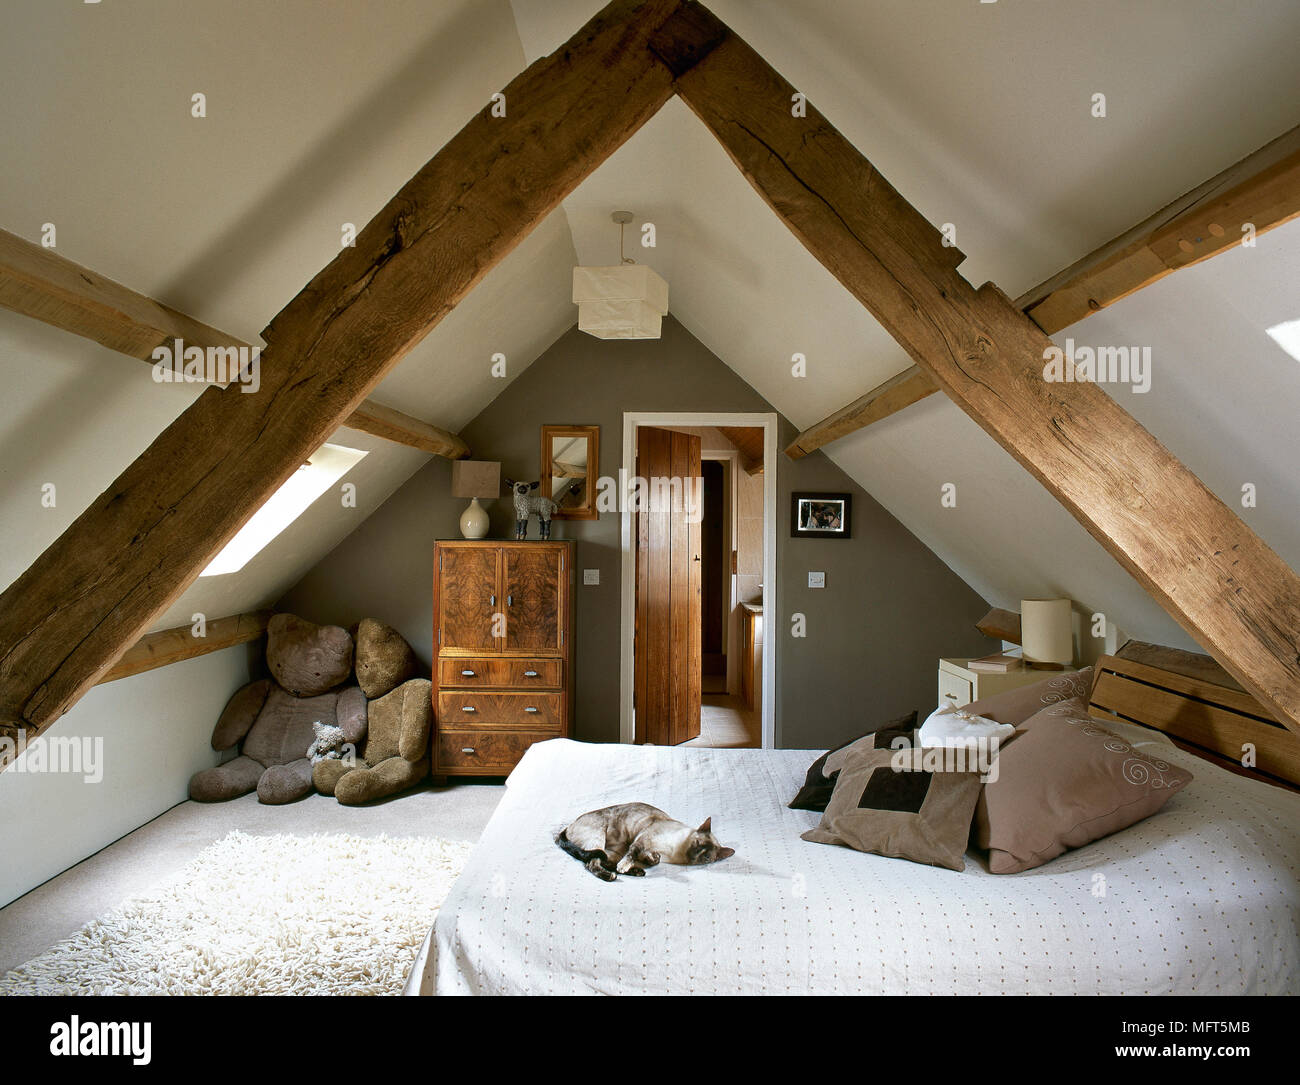 Schlafzimmer im Dachgeschoss mit sichtbaren Deckenbalken ...